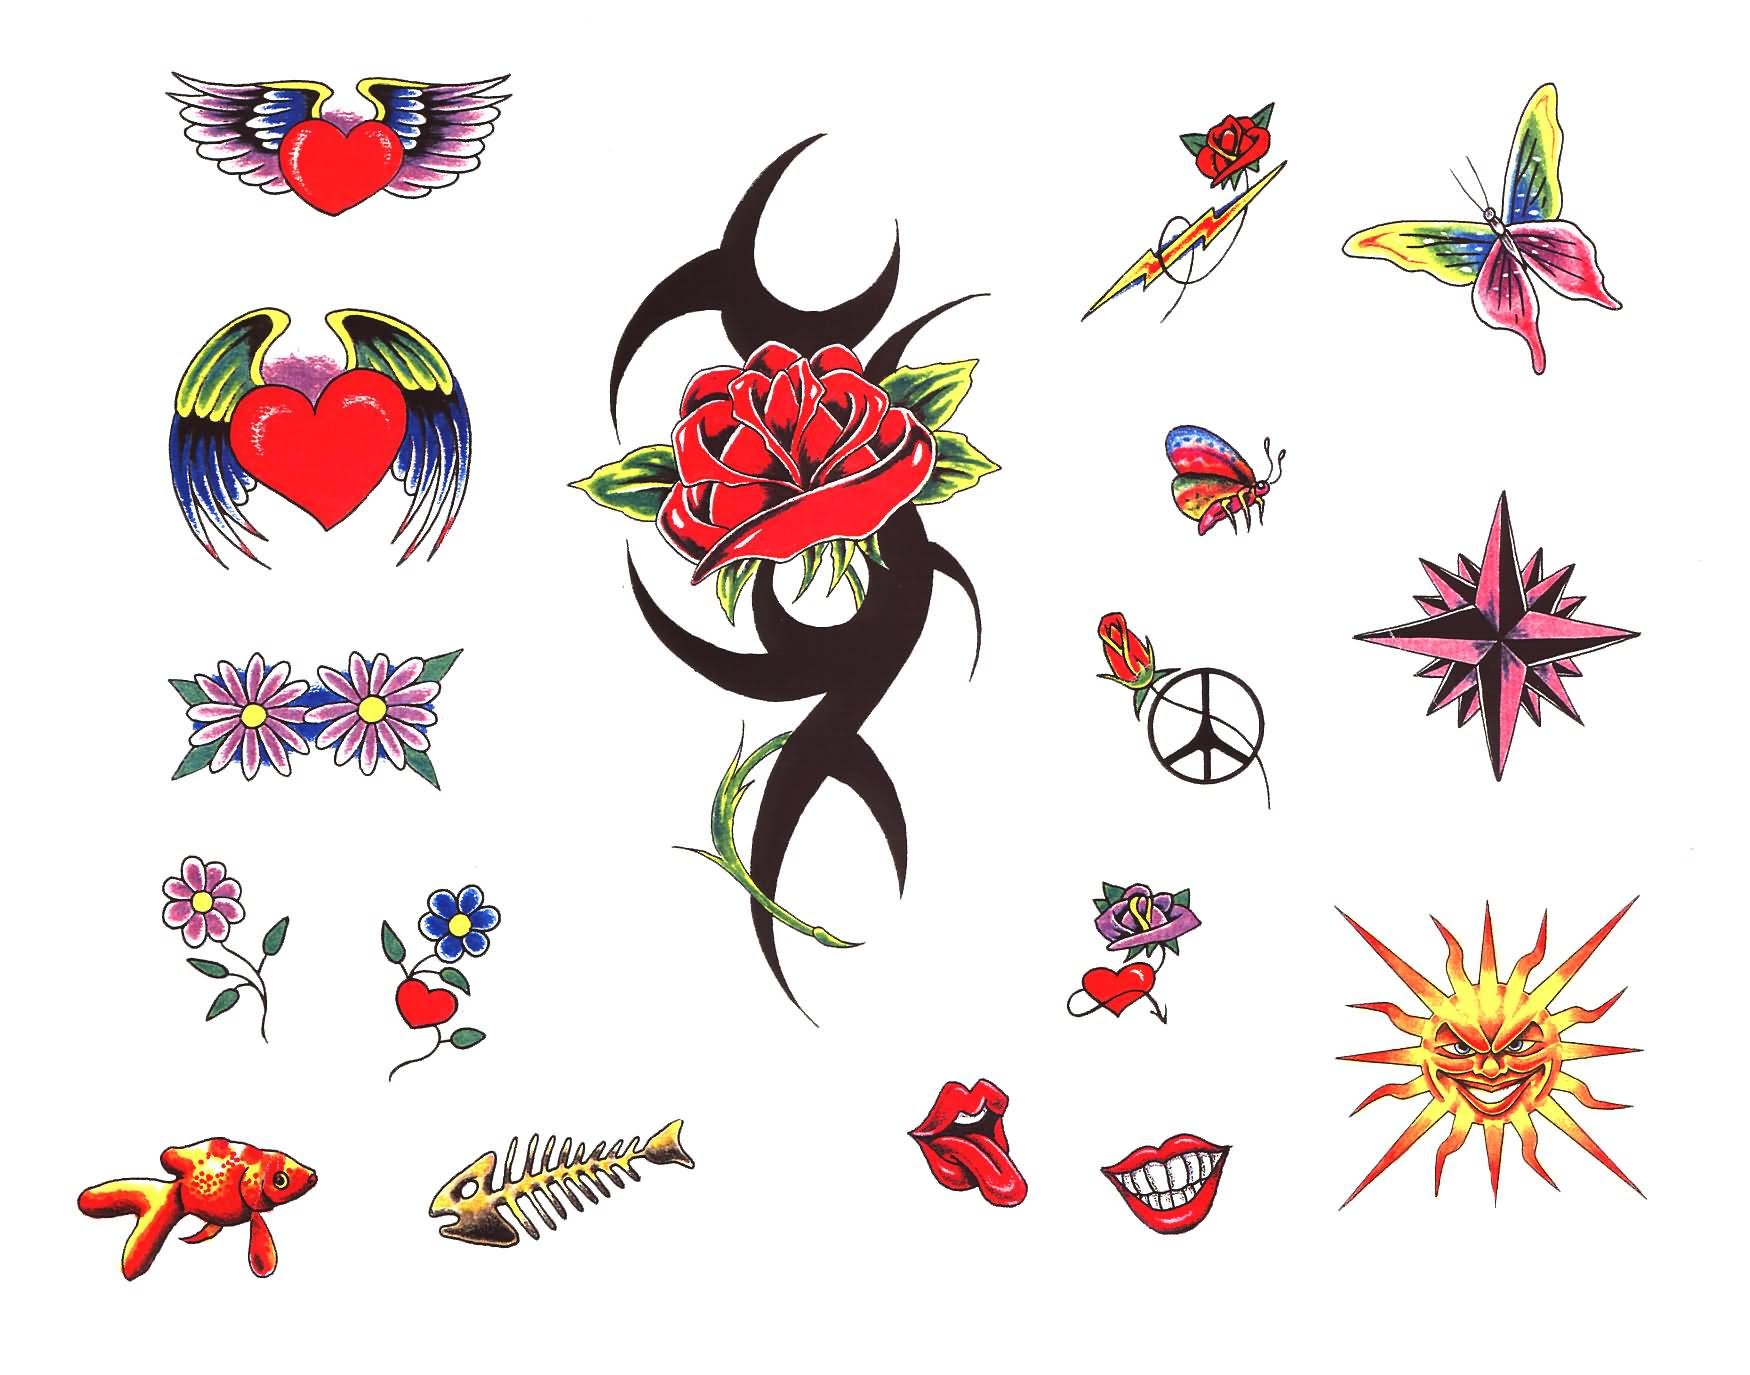 Heart Flower Tattoo Ideas Flowers Healthy